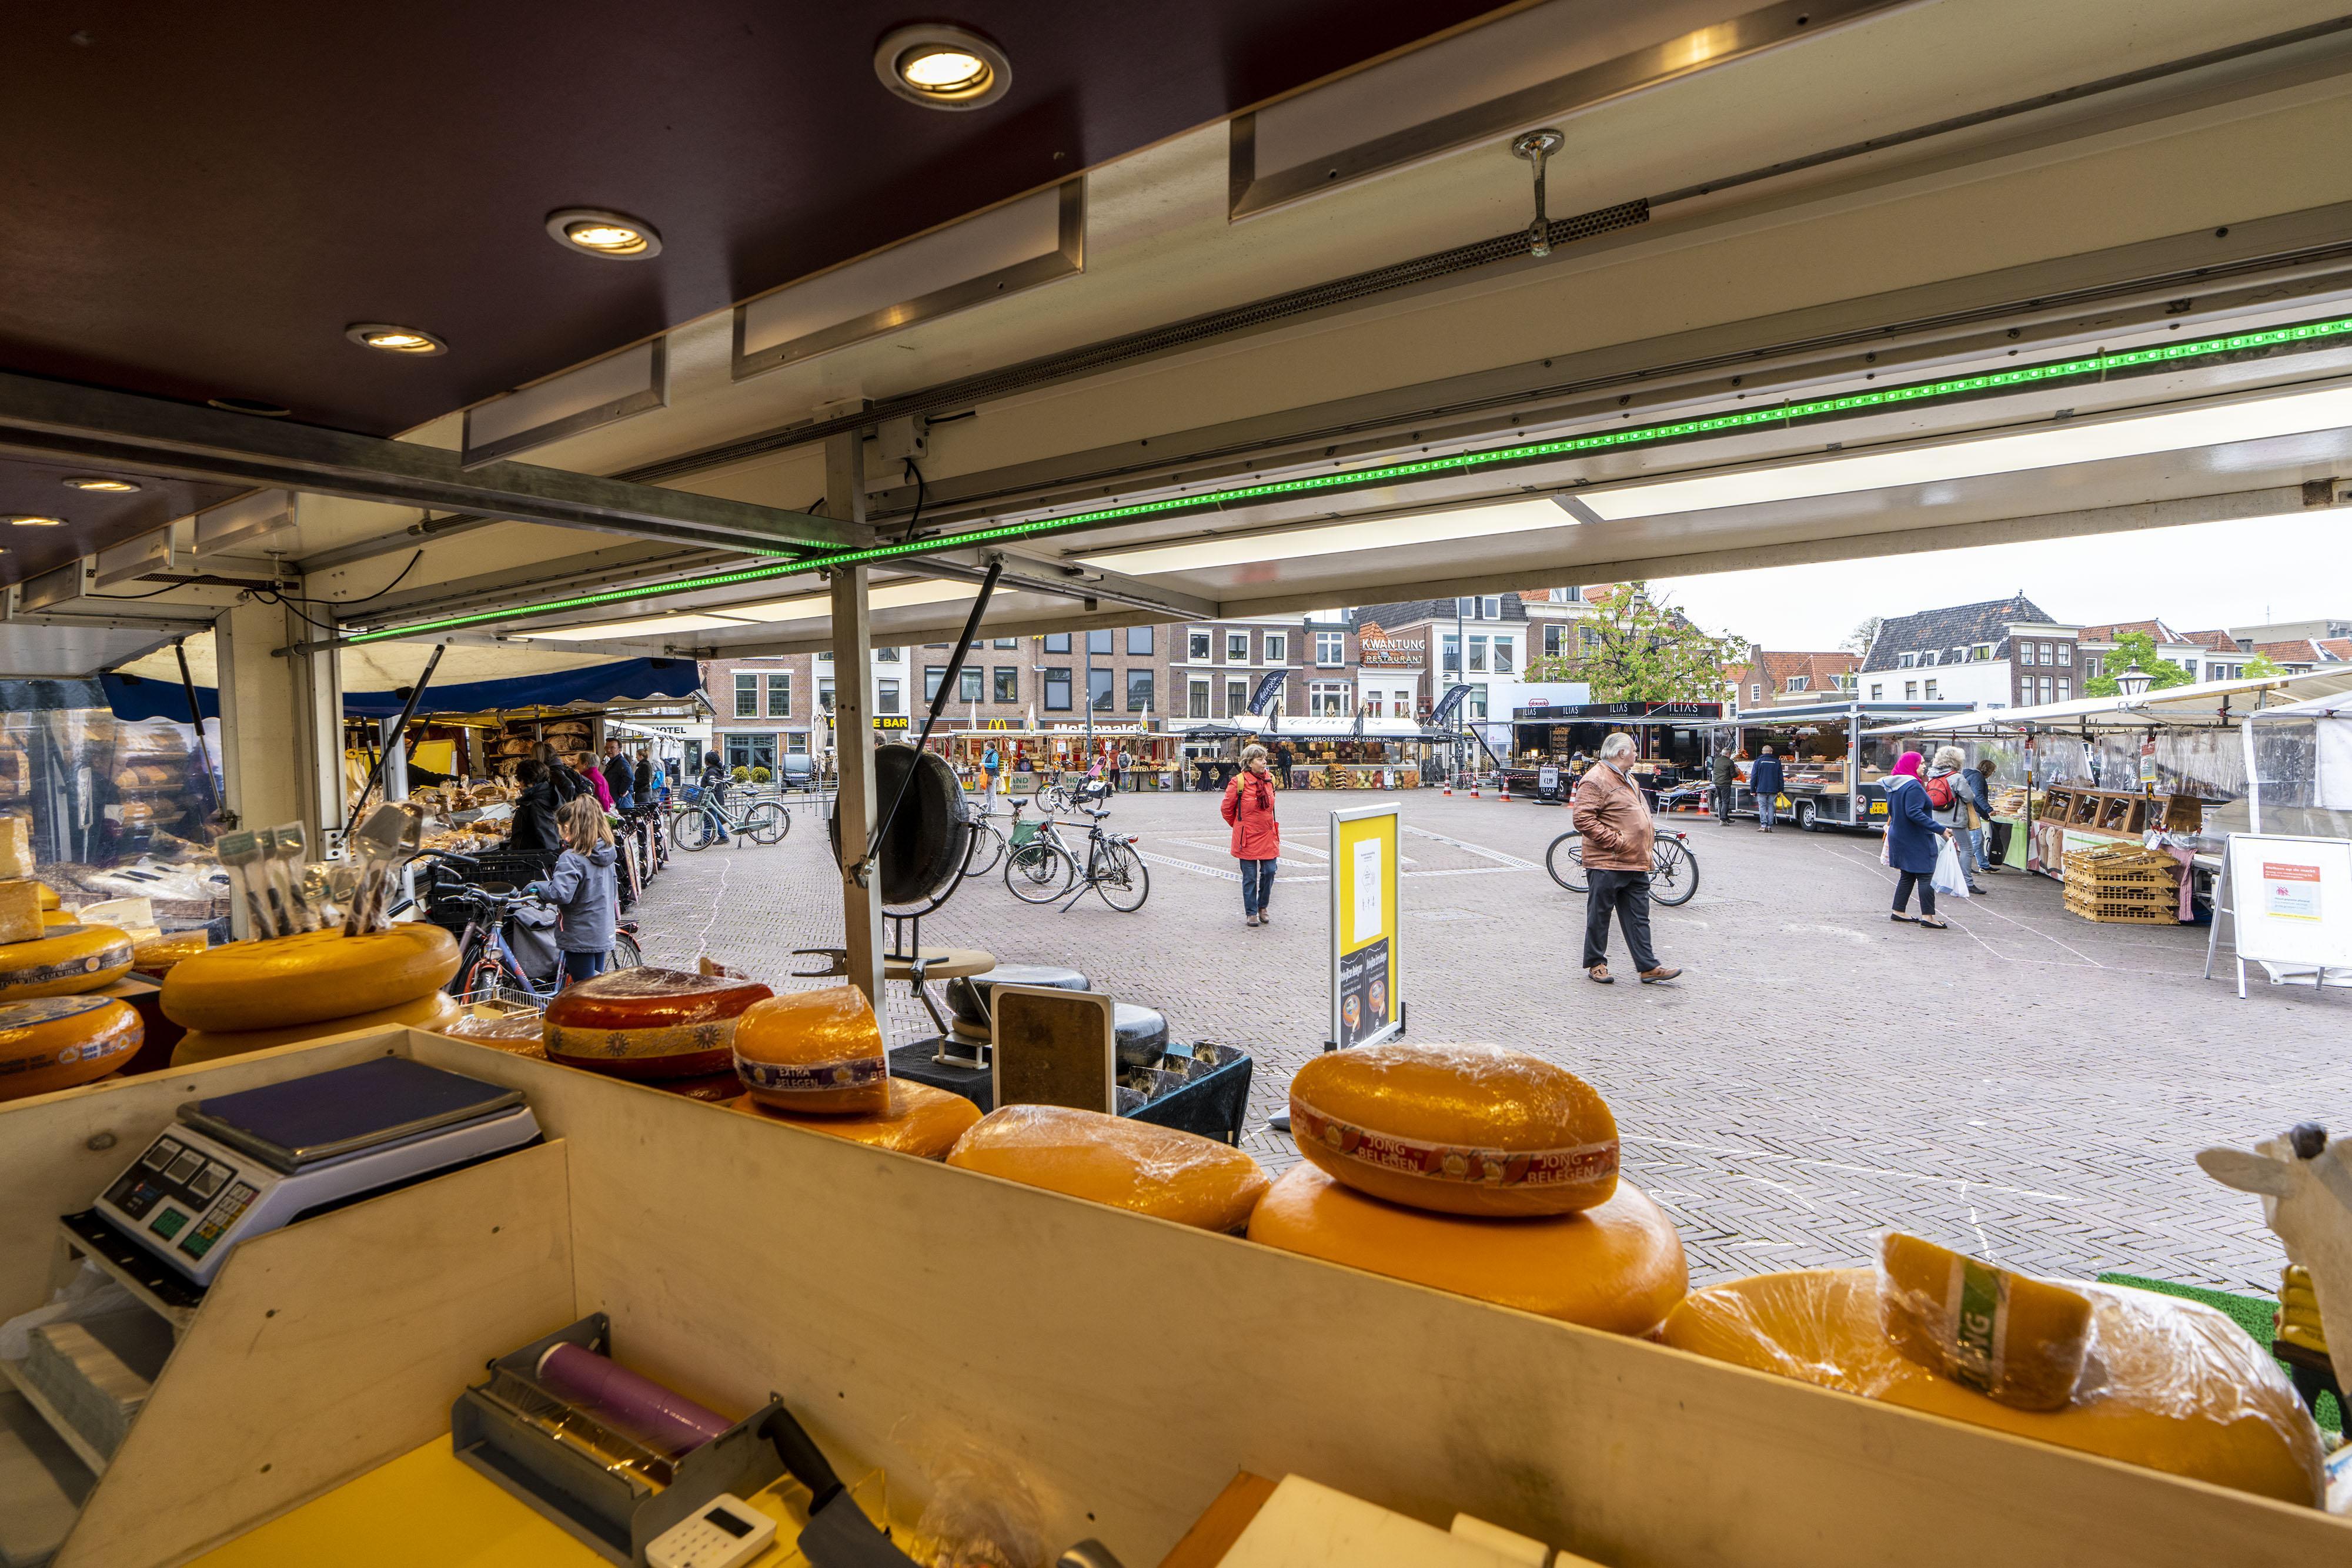 Wisselende reacties op de nieuwe en hopelijk tijdelijke Leidse woensdagmarkt: 'Niks, unheimisch en toch ook een beetje Frans'